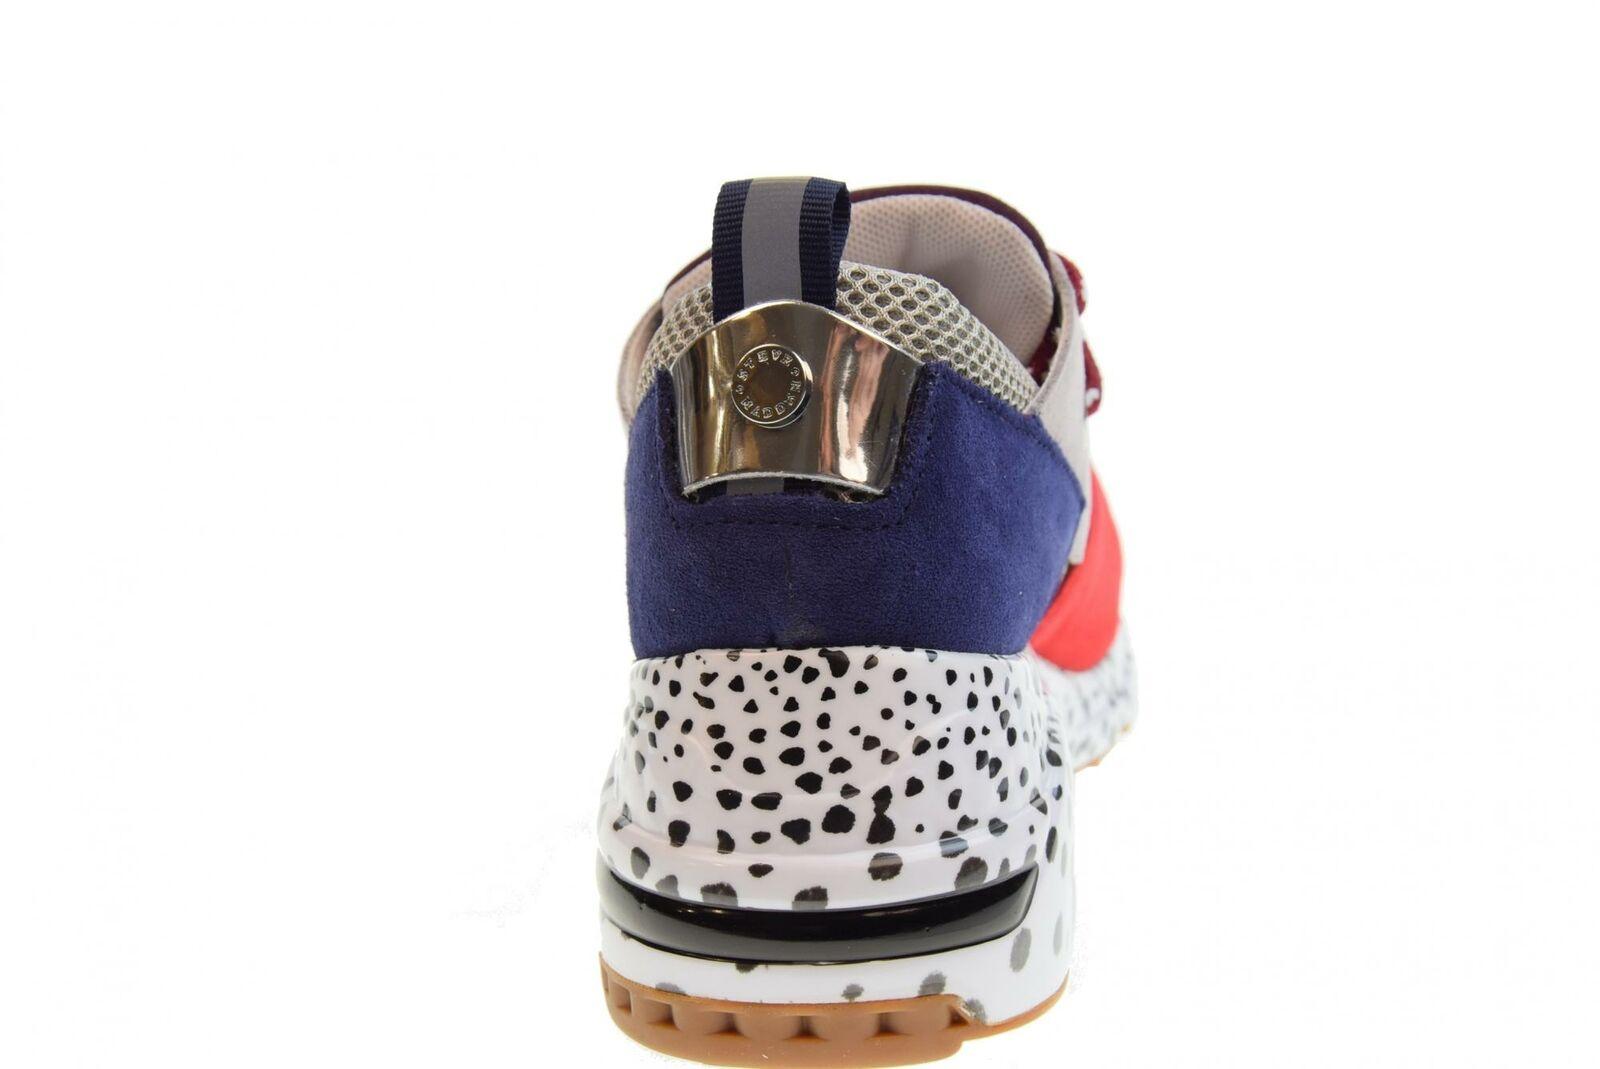 Steve Madden P19s shoes women zapatillas zapatillas zapatillas CLIFF BURG MULTI 022f8d